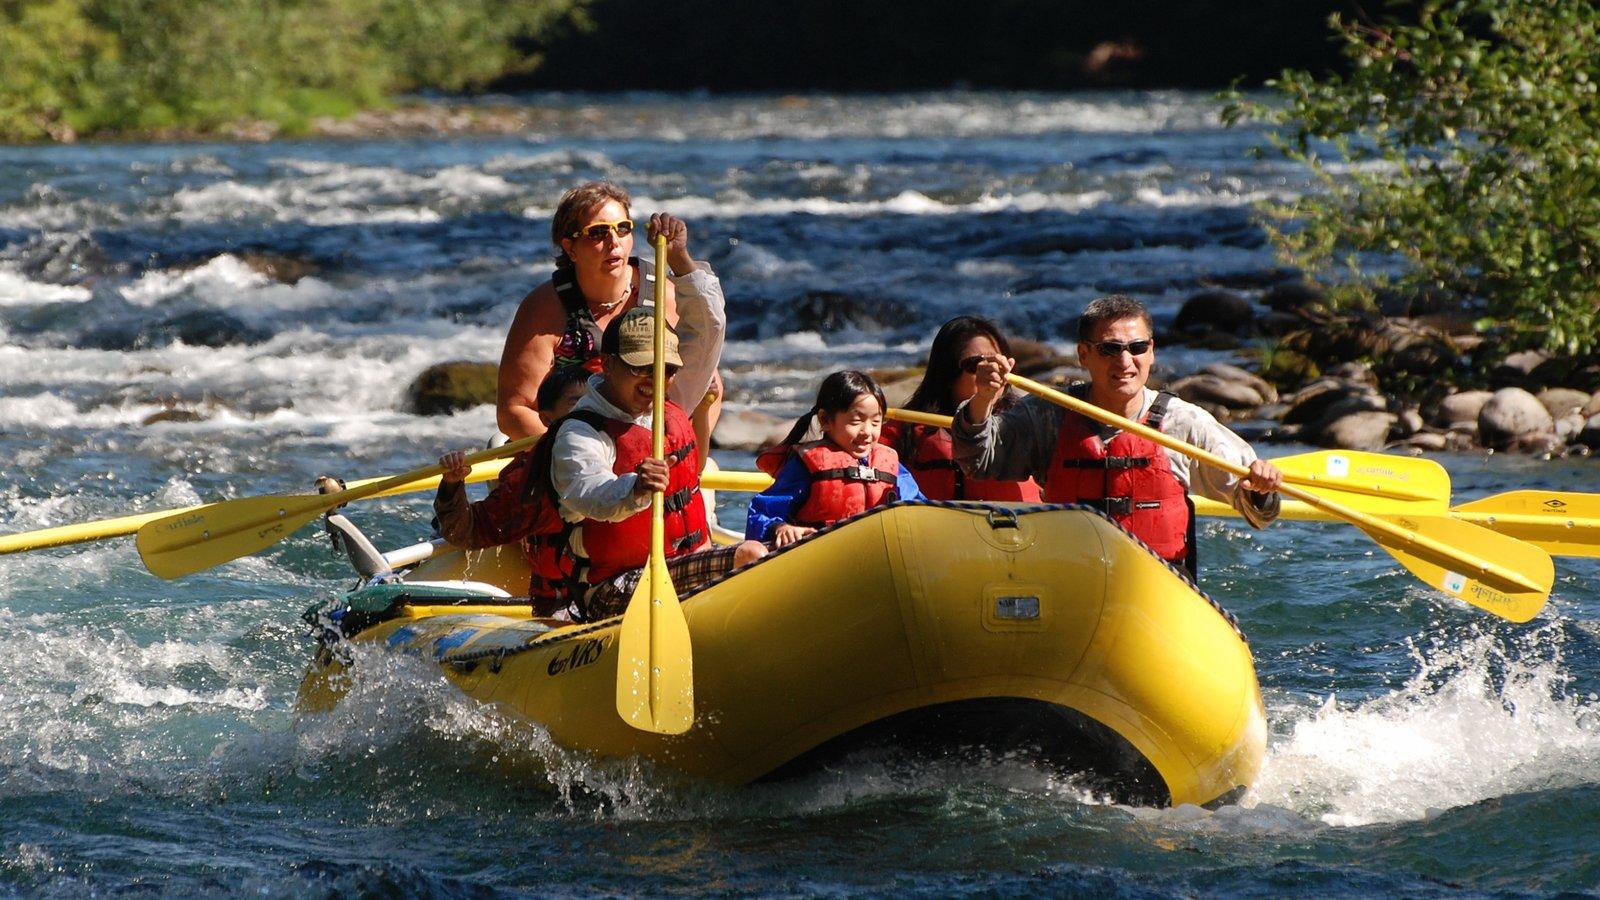 Eugene mostrando rápidos y rafting y también un pequeño grupo de personas